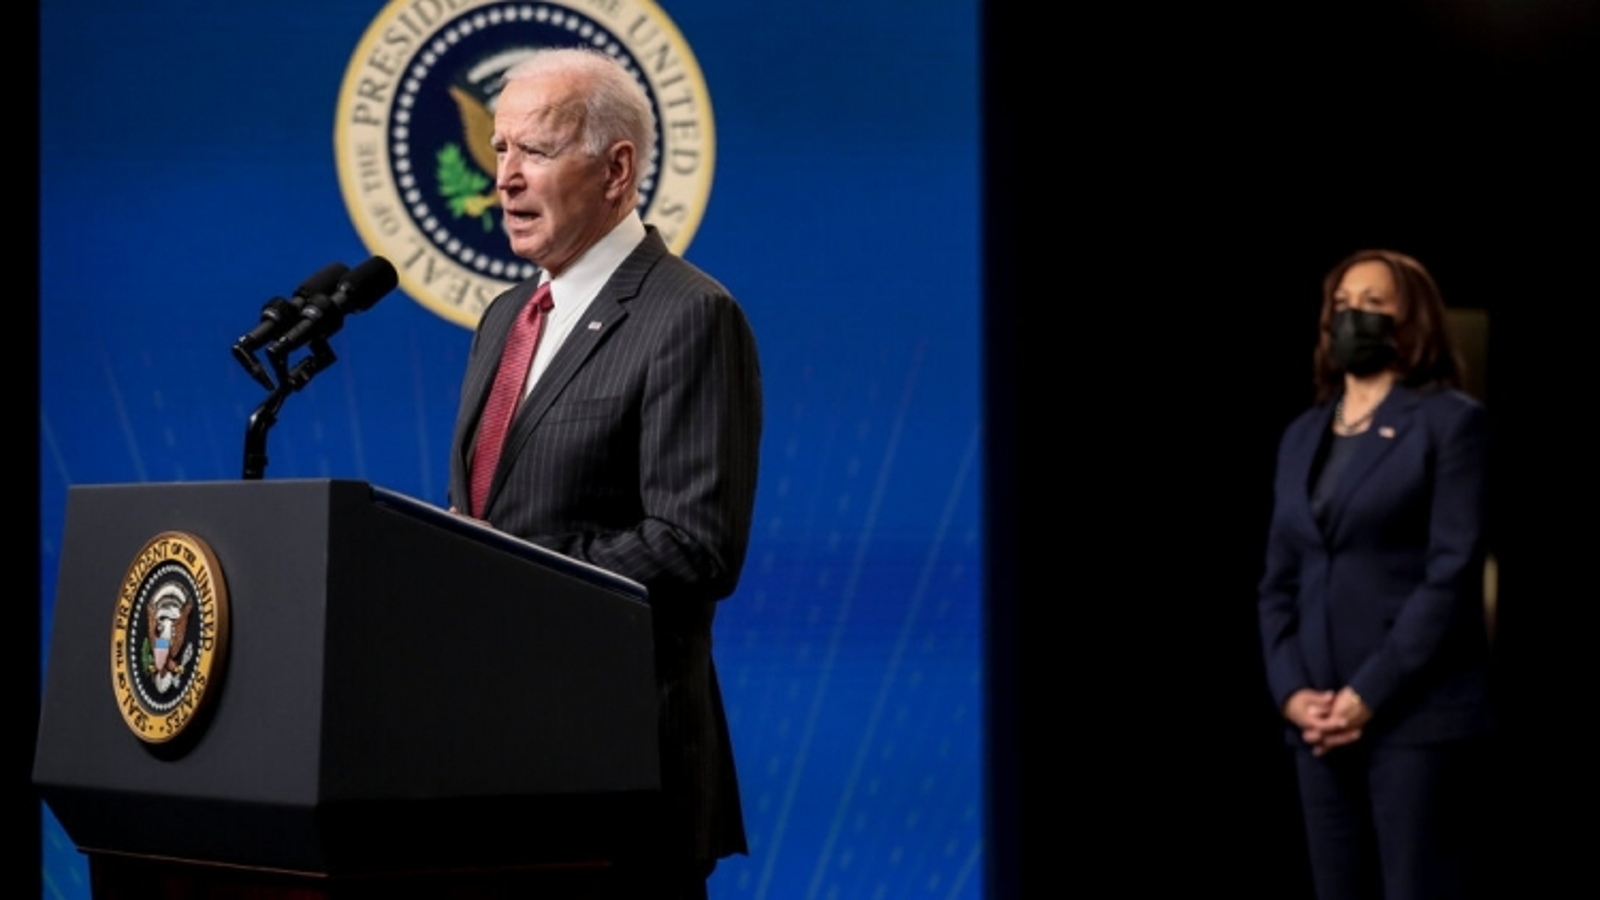 """Châu Âu muốn """"tự lực cánh sinh"""", Biden gặp khó khi đối phó với Nga - Trung"""